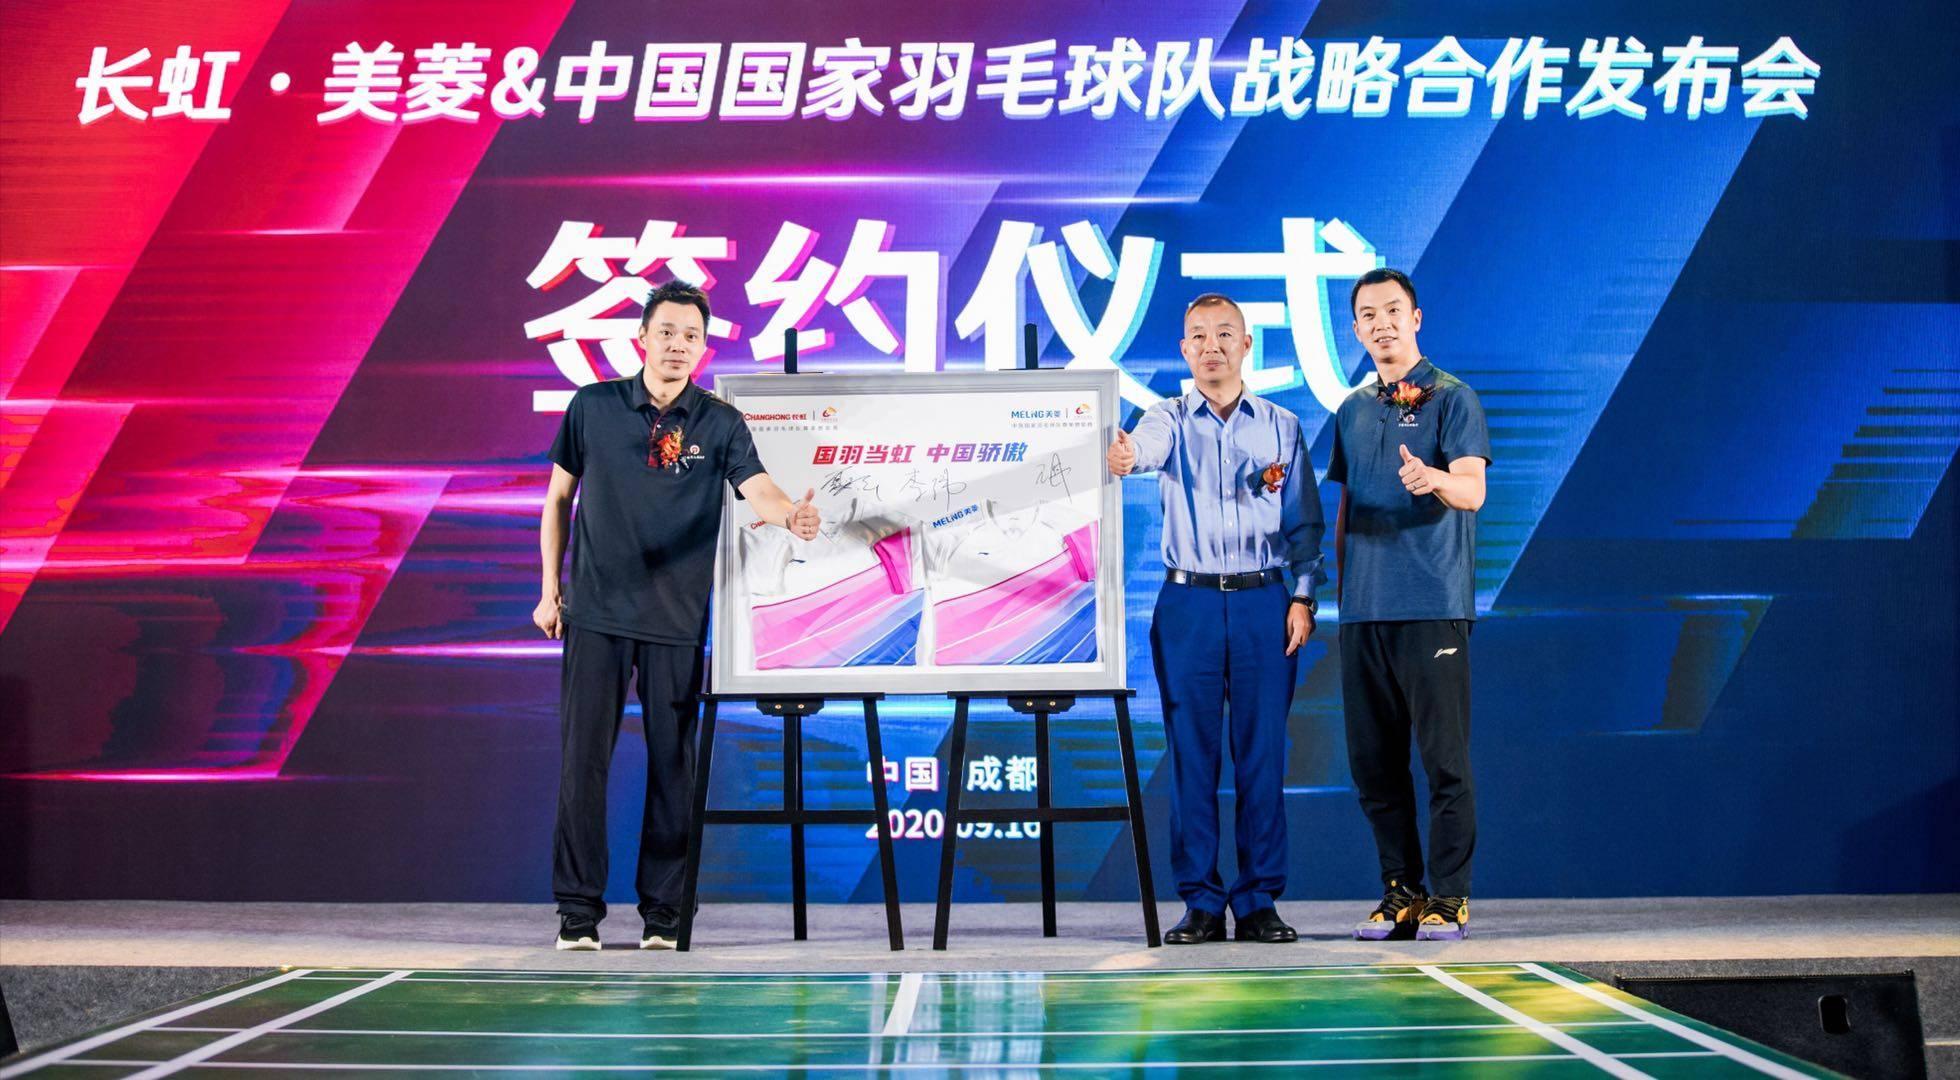 """长虹签约中国国家羽毛球队,""""科技+体育""""模式再探路"""